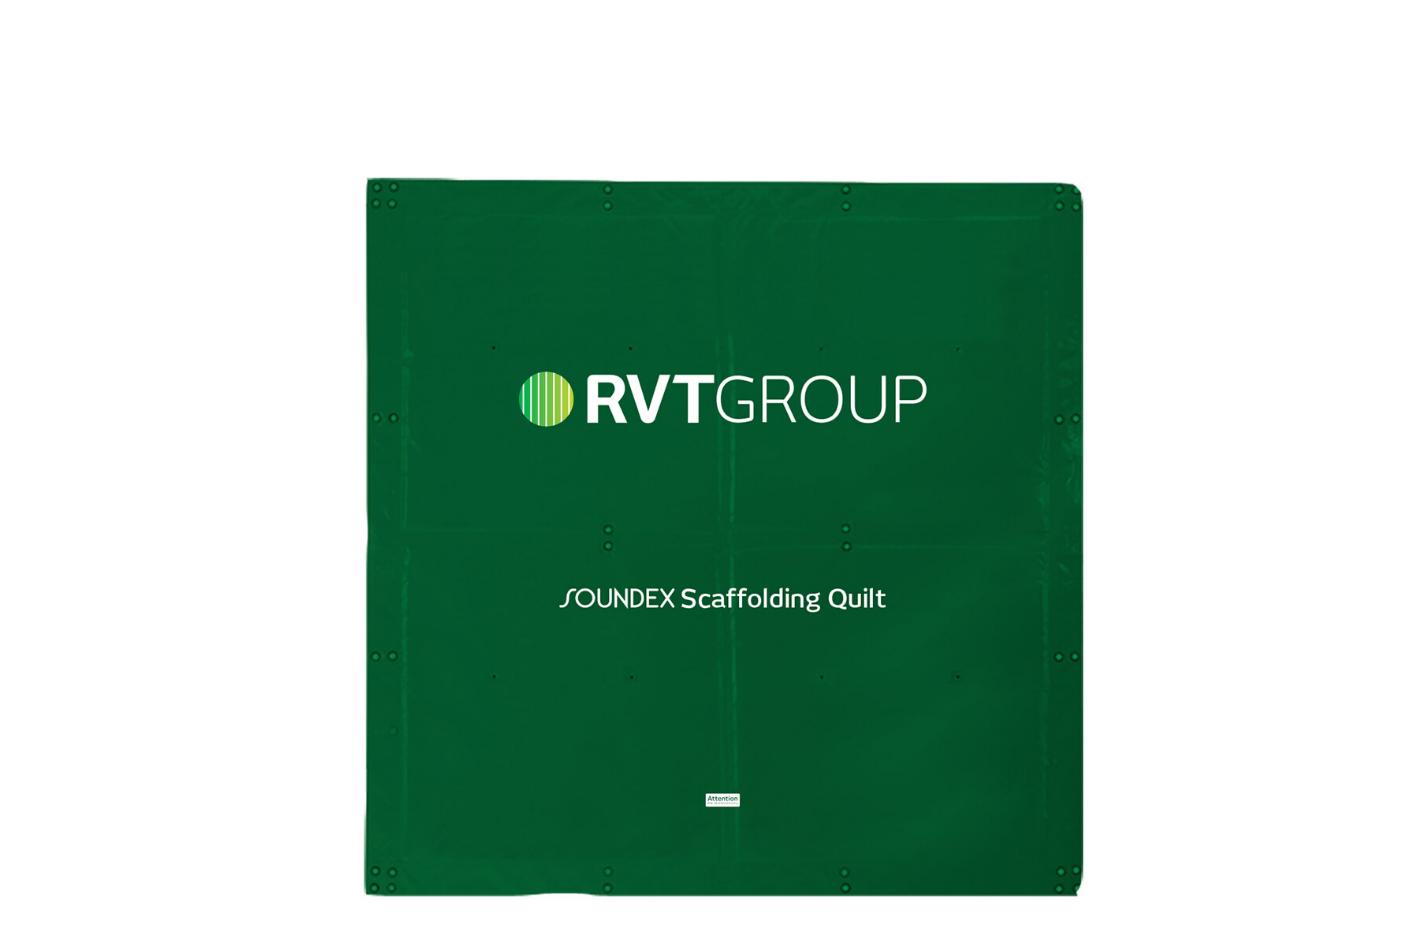 Soundex Scaffolding Quilt web size